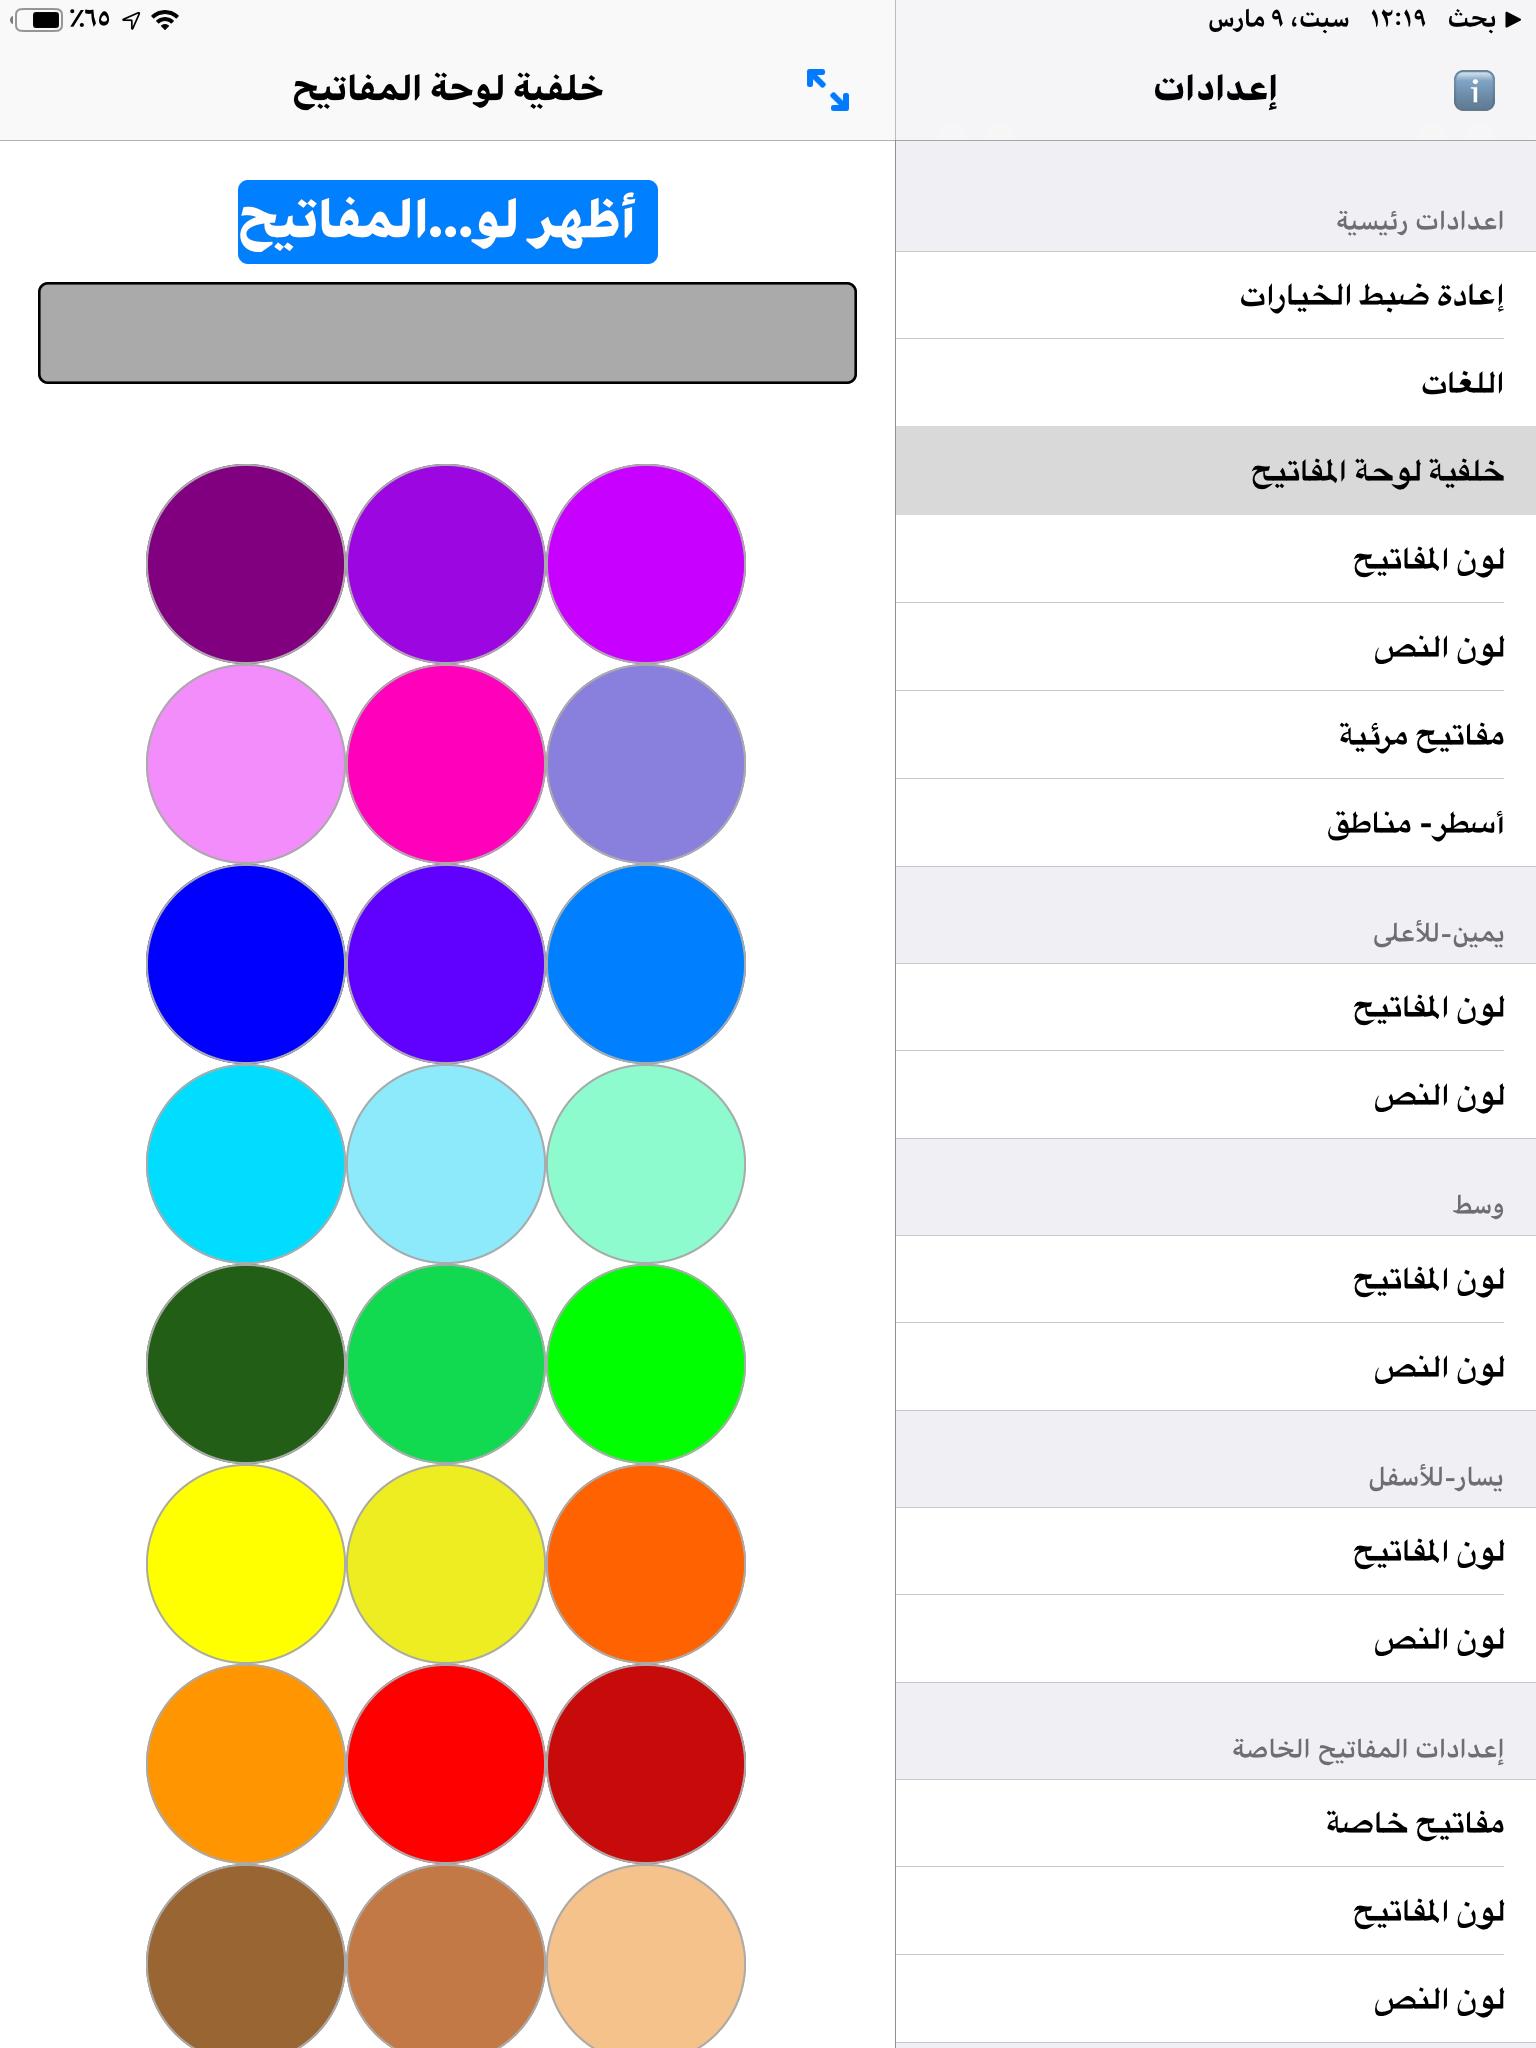 تنسيق الألوان حسب رغبتكم